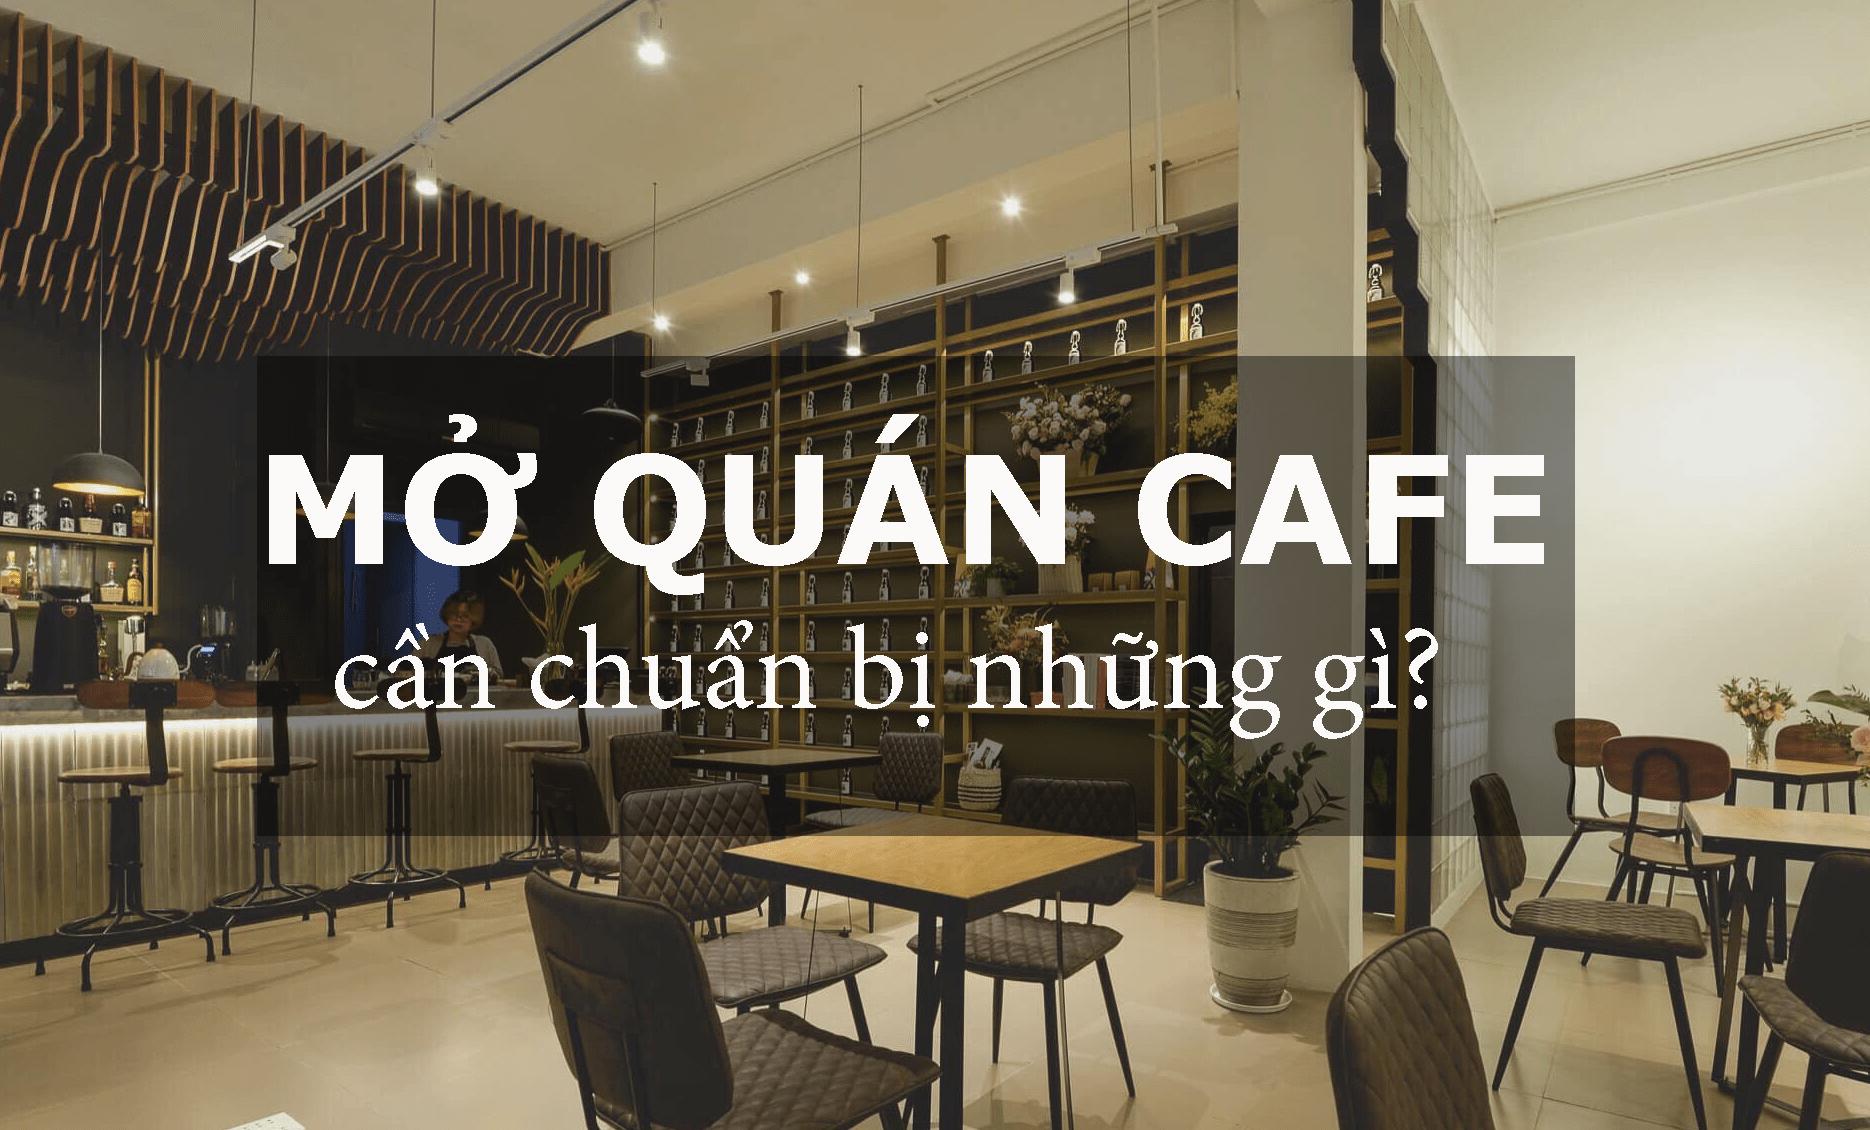 Những vấn đề cần quan tâm khi mở quán cà phê